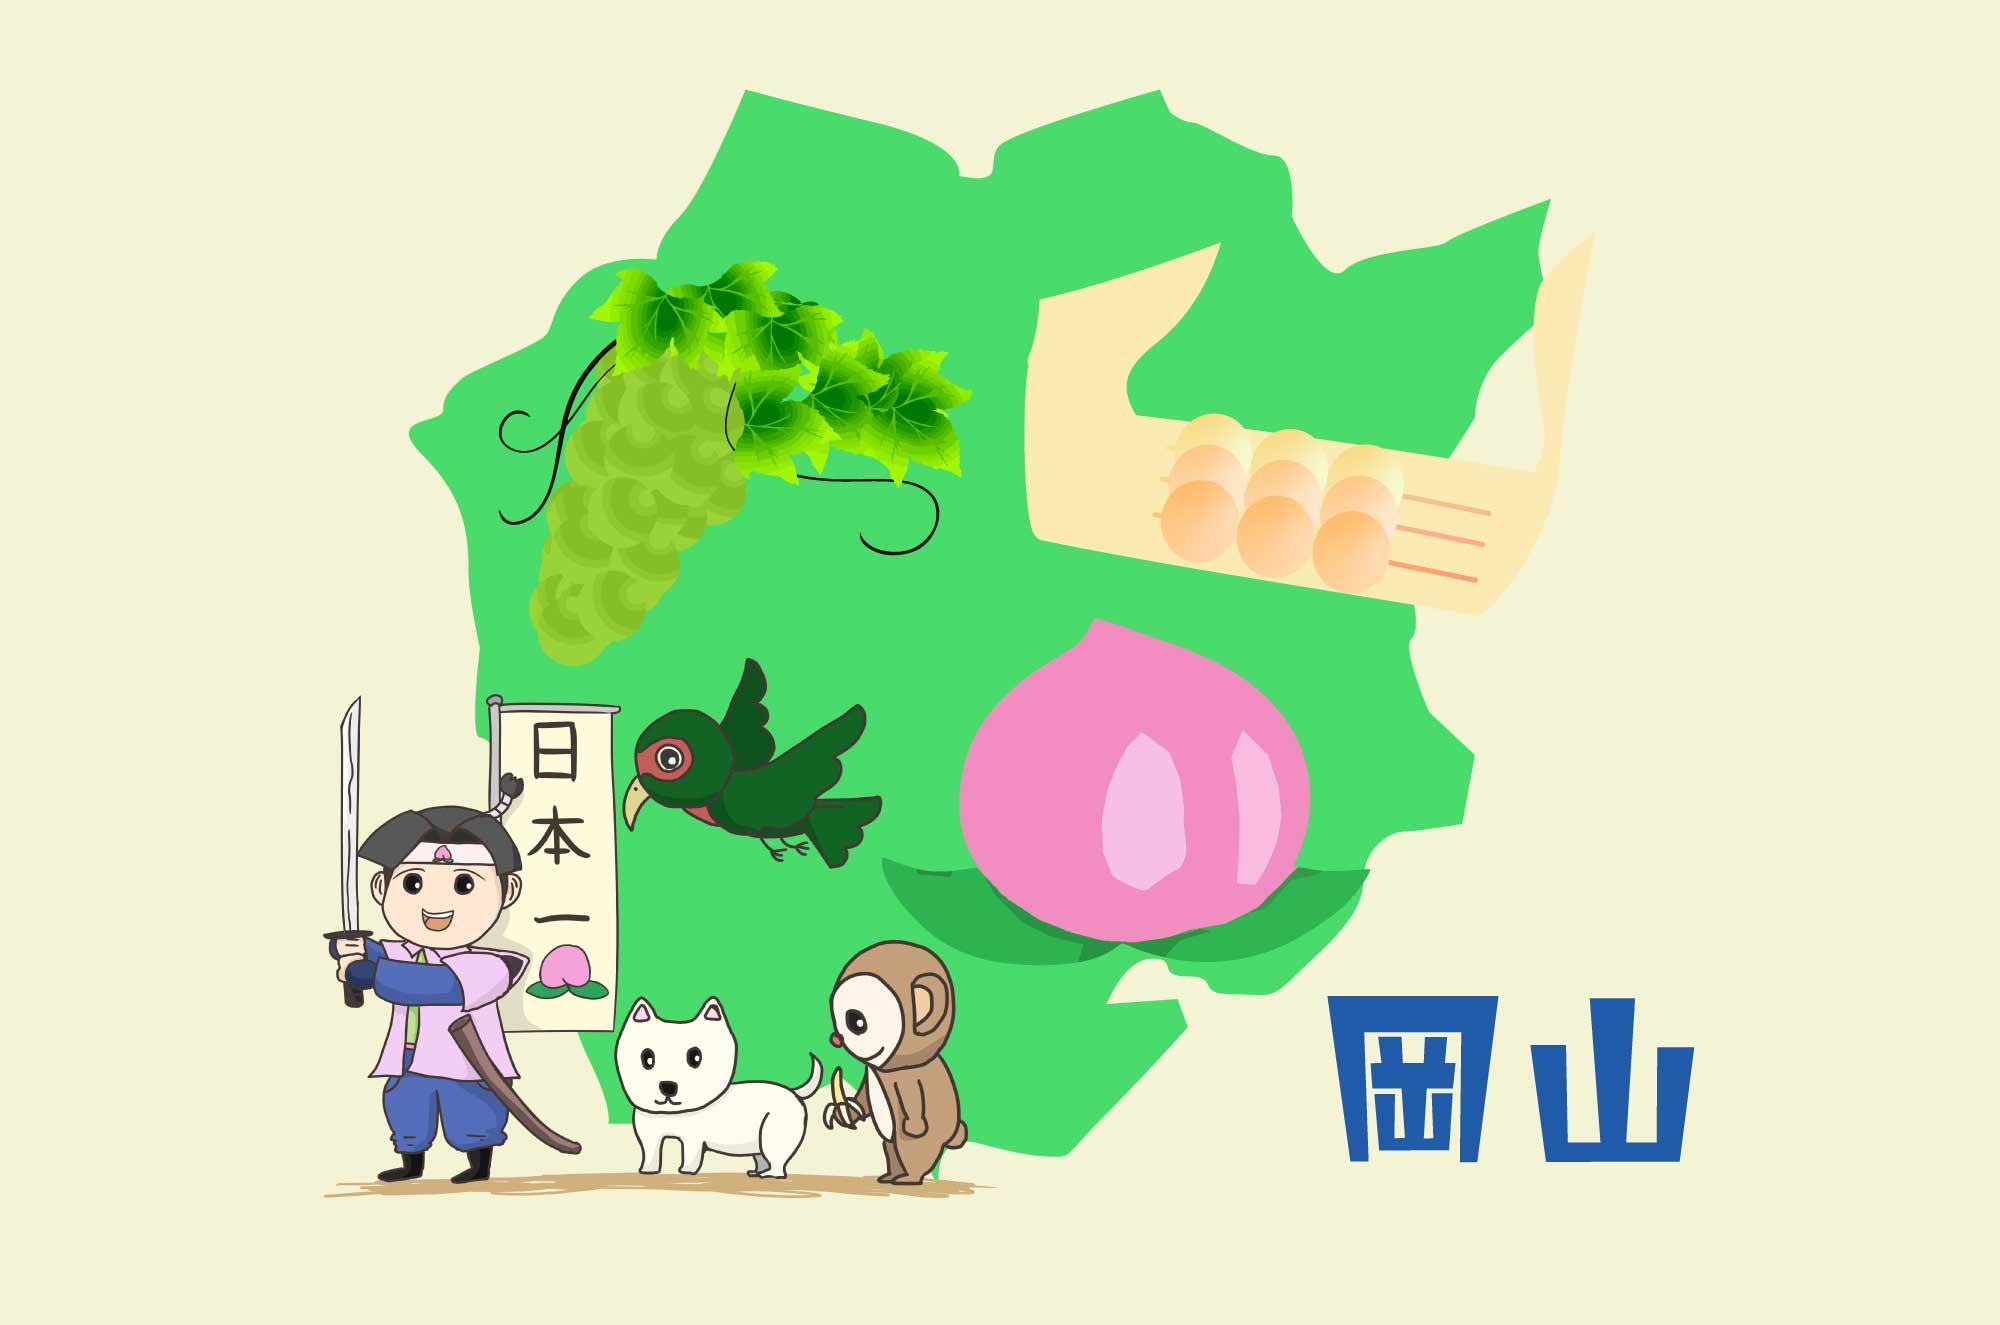 岡山のフリーイラスト - 名産・大陸のシルエット素材